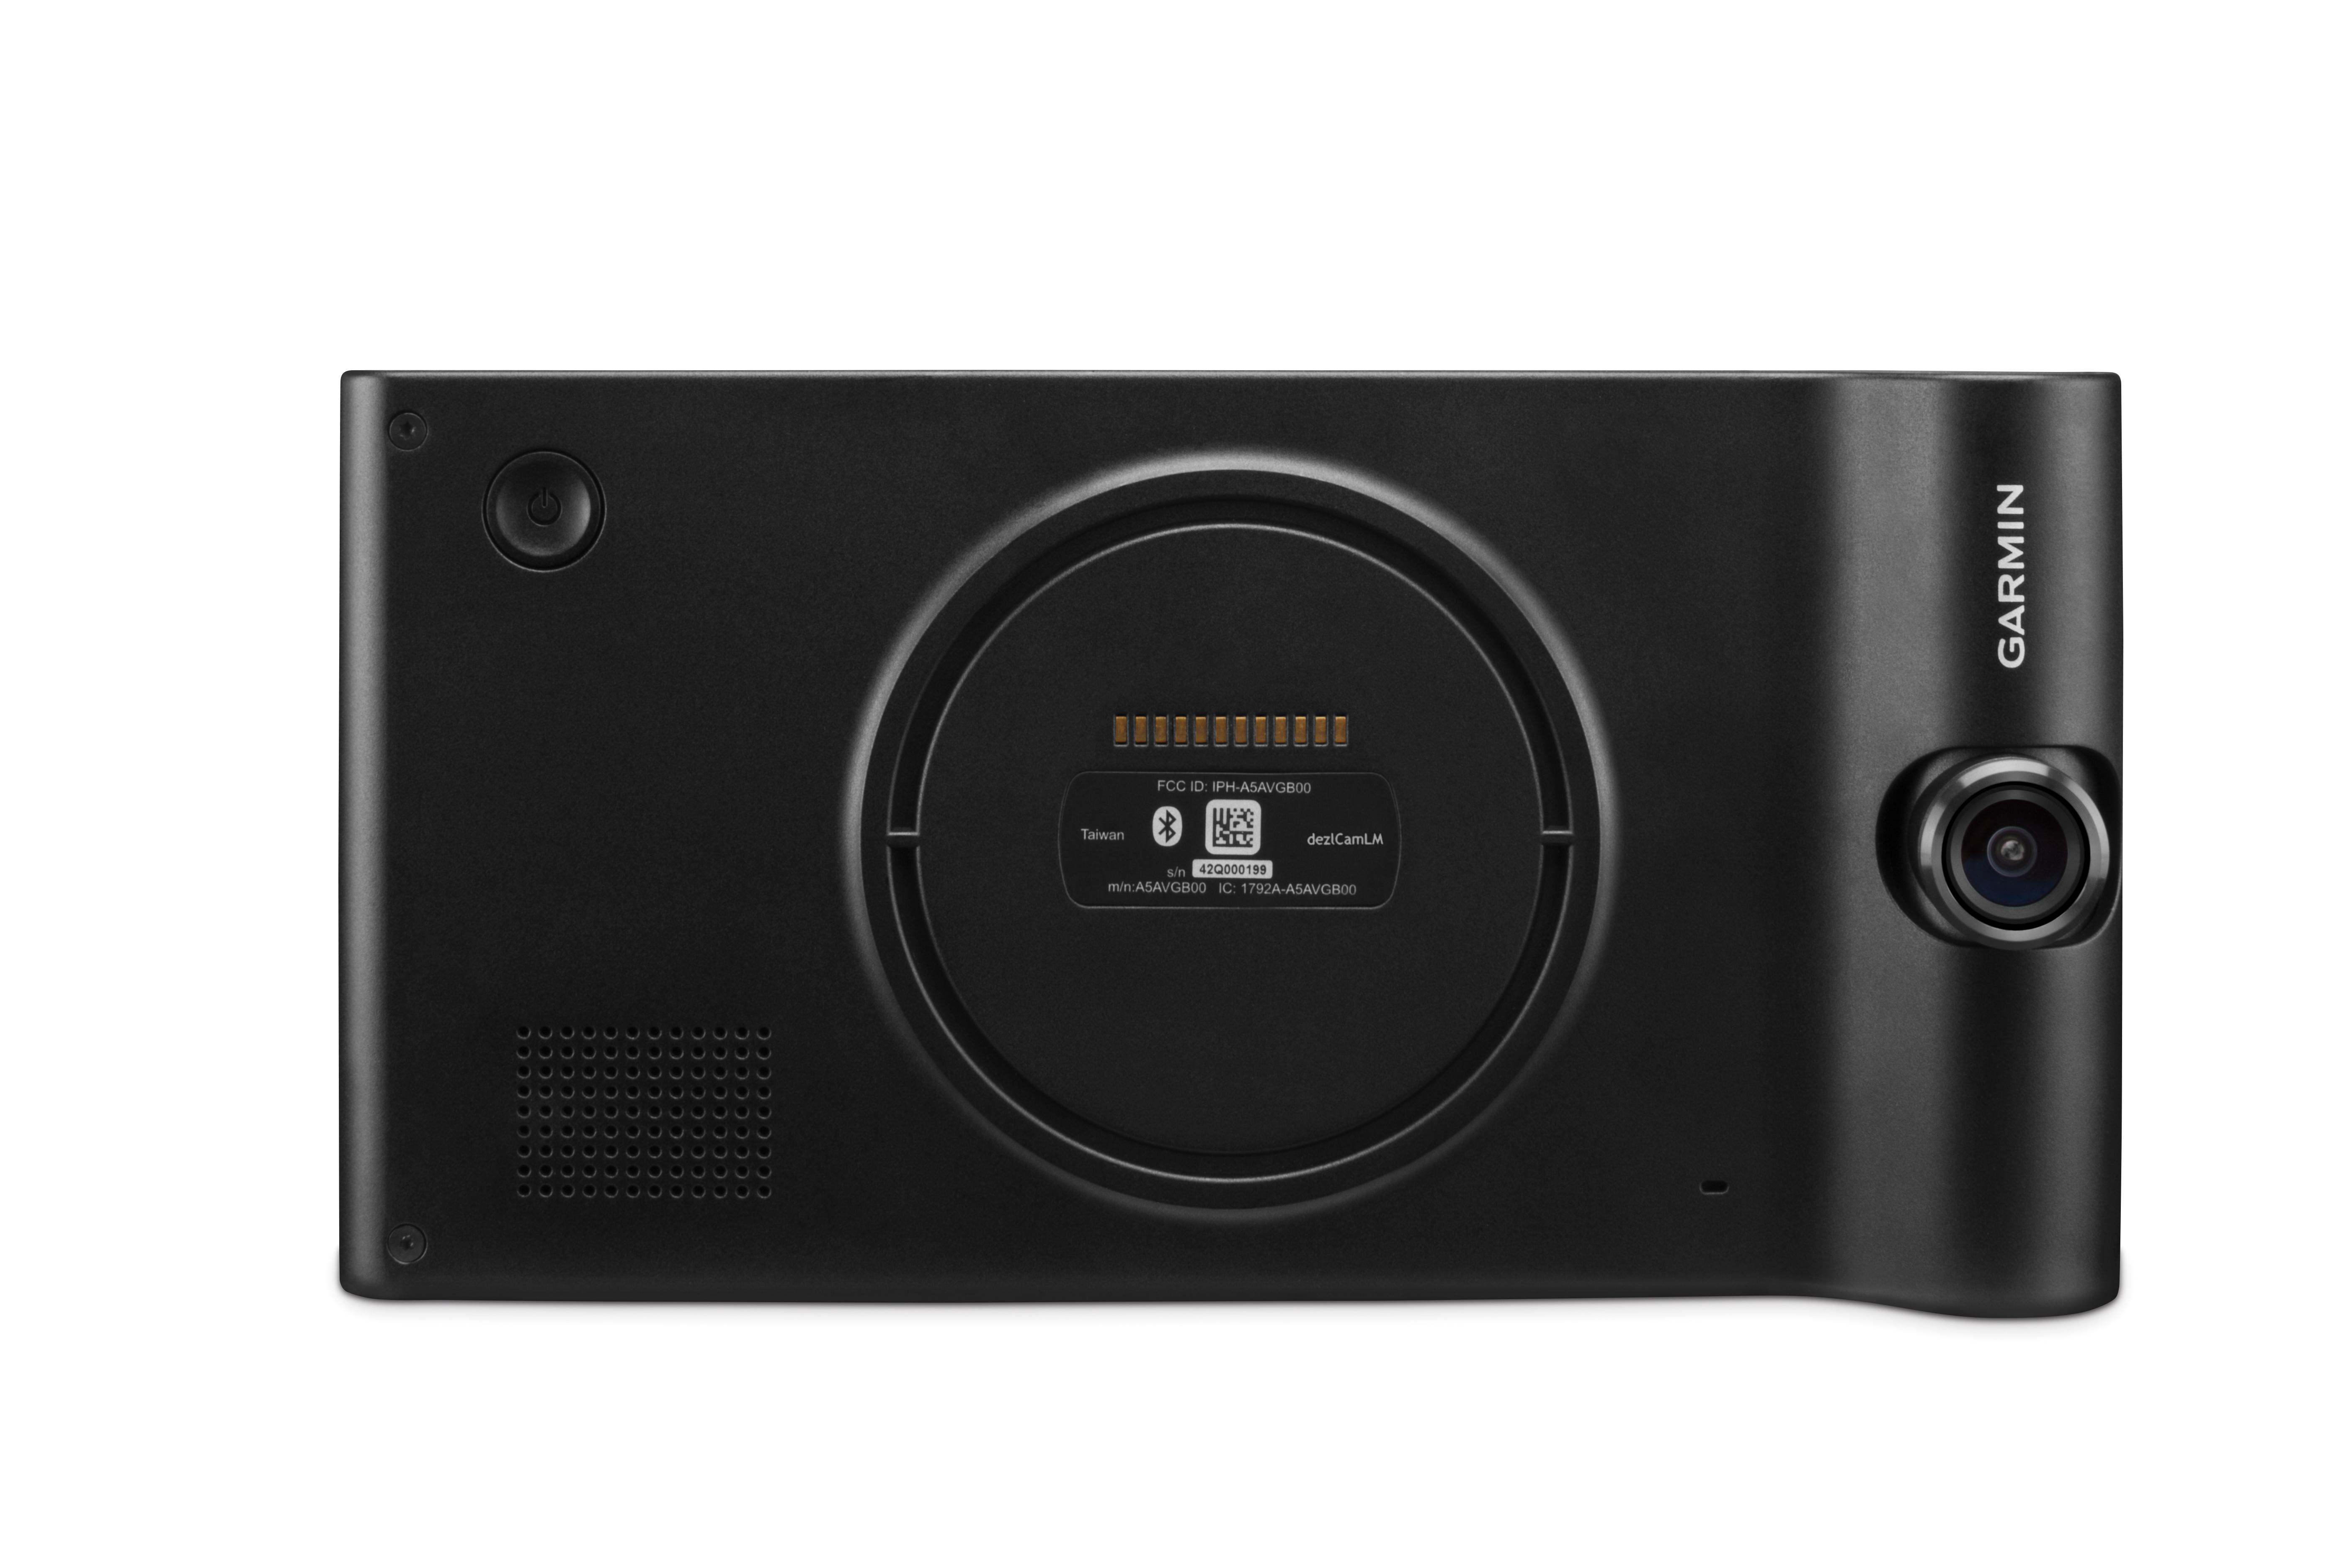 neu garmin dezlcam business gps navi integrierte dashcam. Black Bedroom Furniture Sets. Home Design Ideas